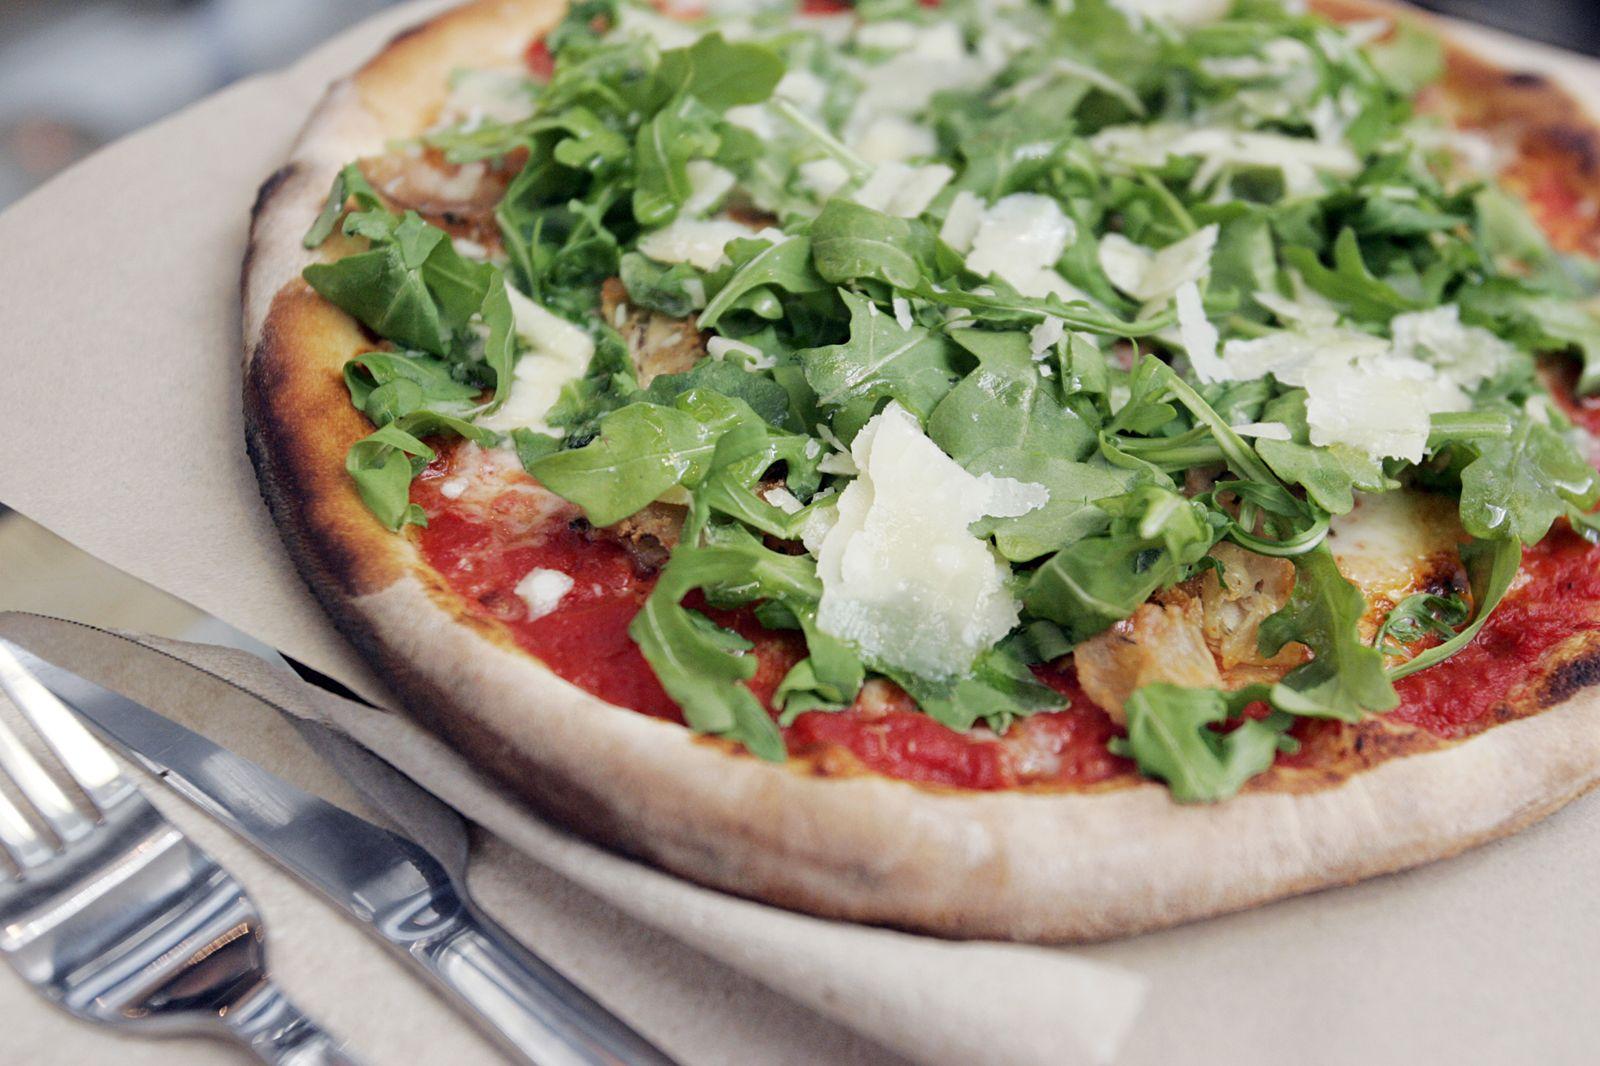 NICHT MEHR VERWENDEN! - Pizza